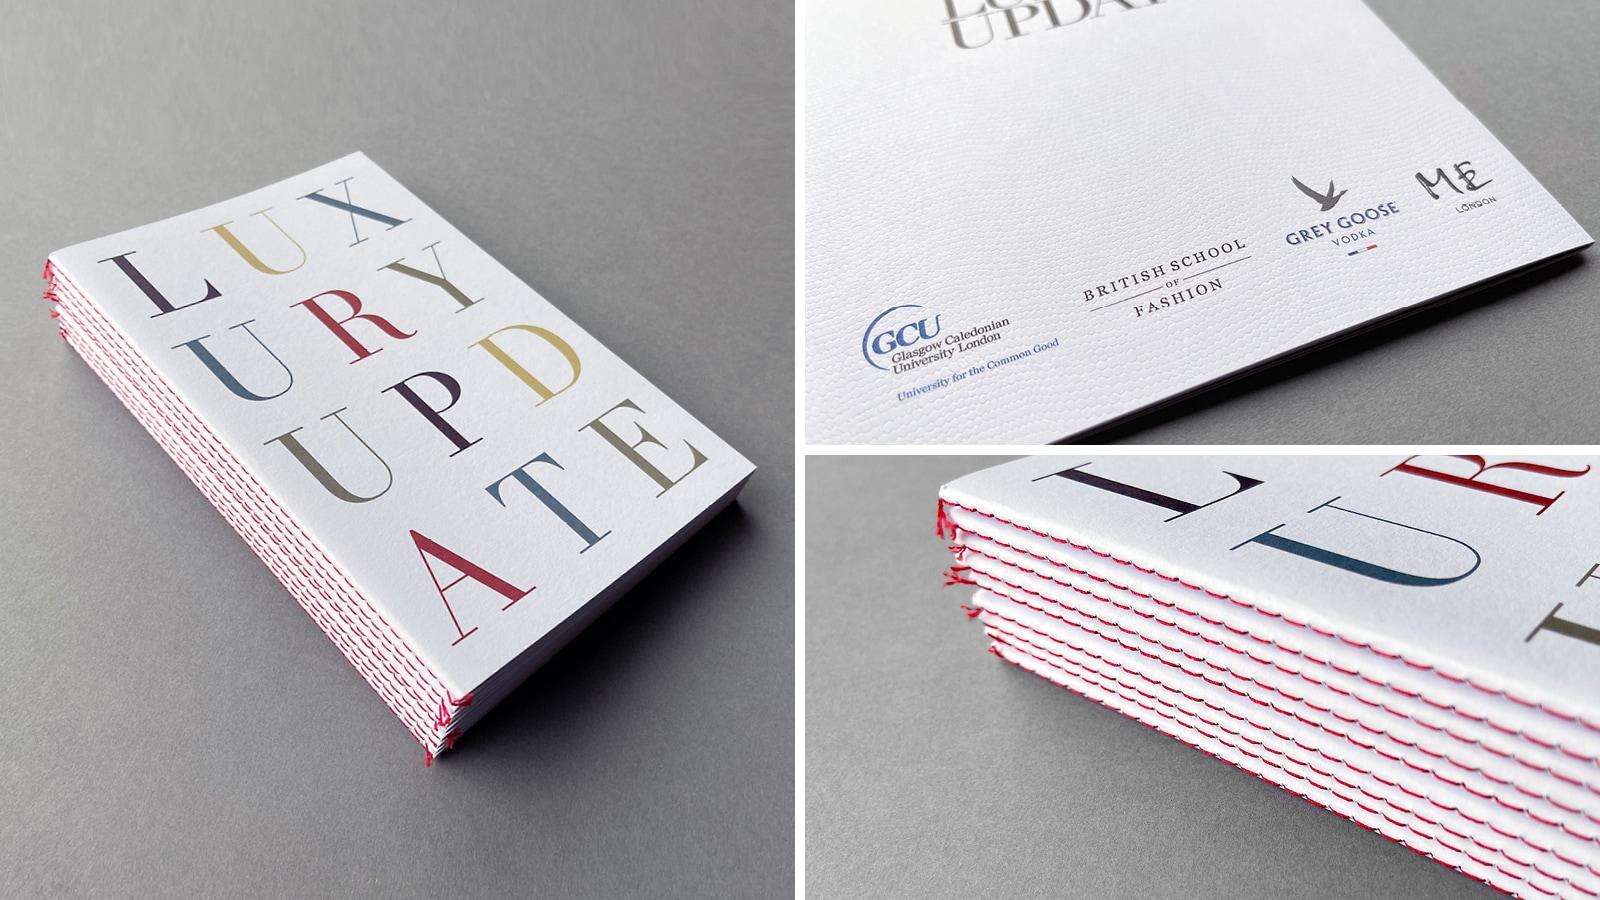 luxury-fashion-magazine-journal-editorial-typography-design-milton-keynes-london4